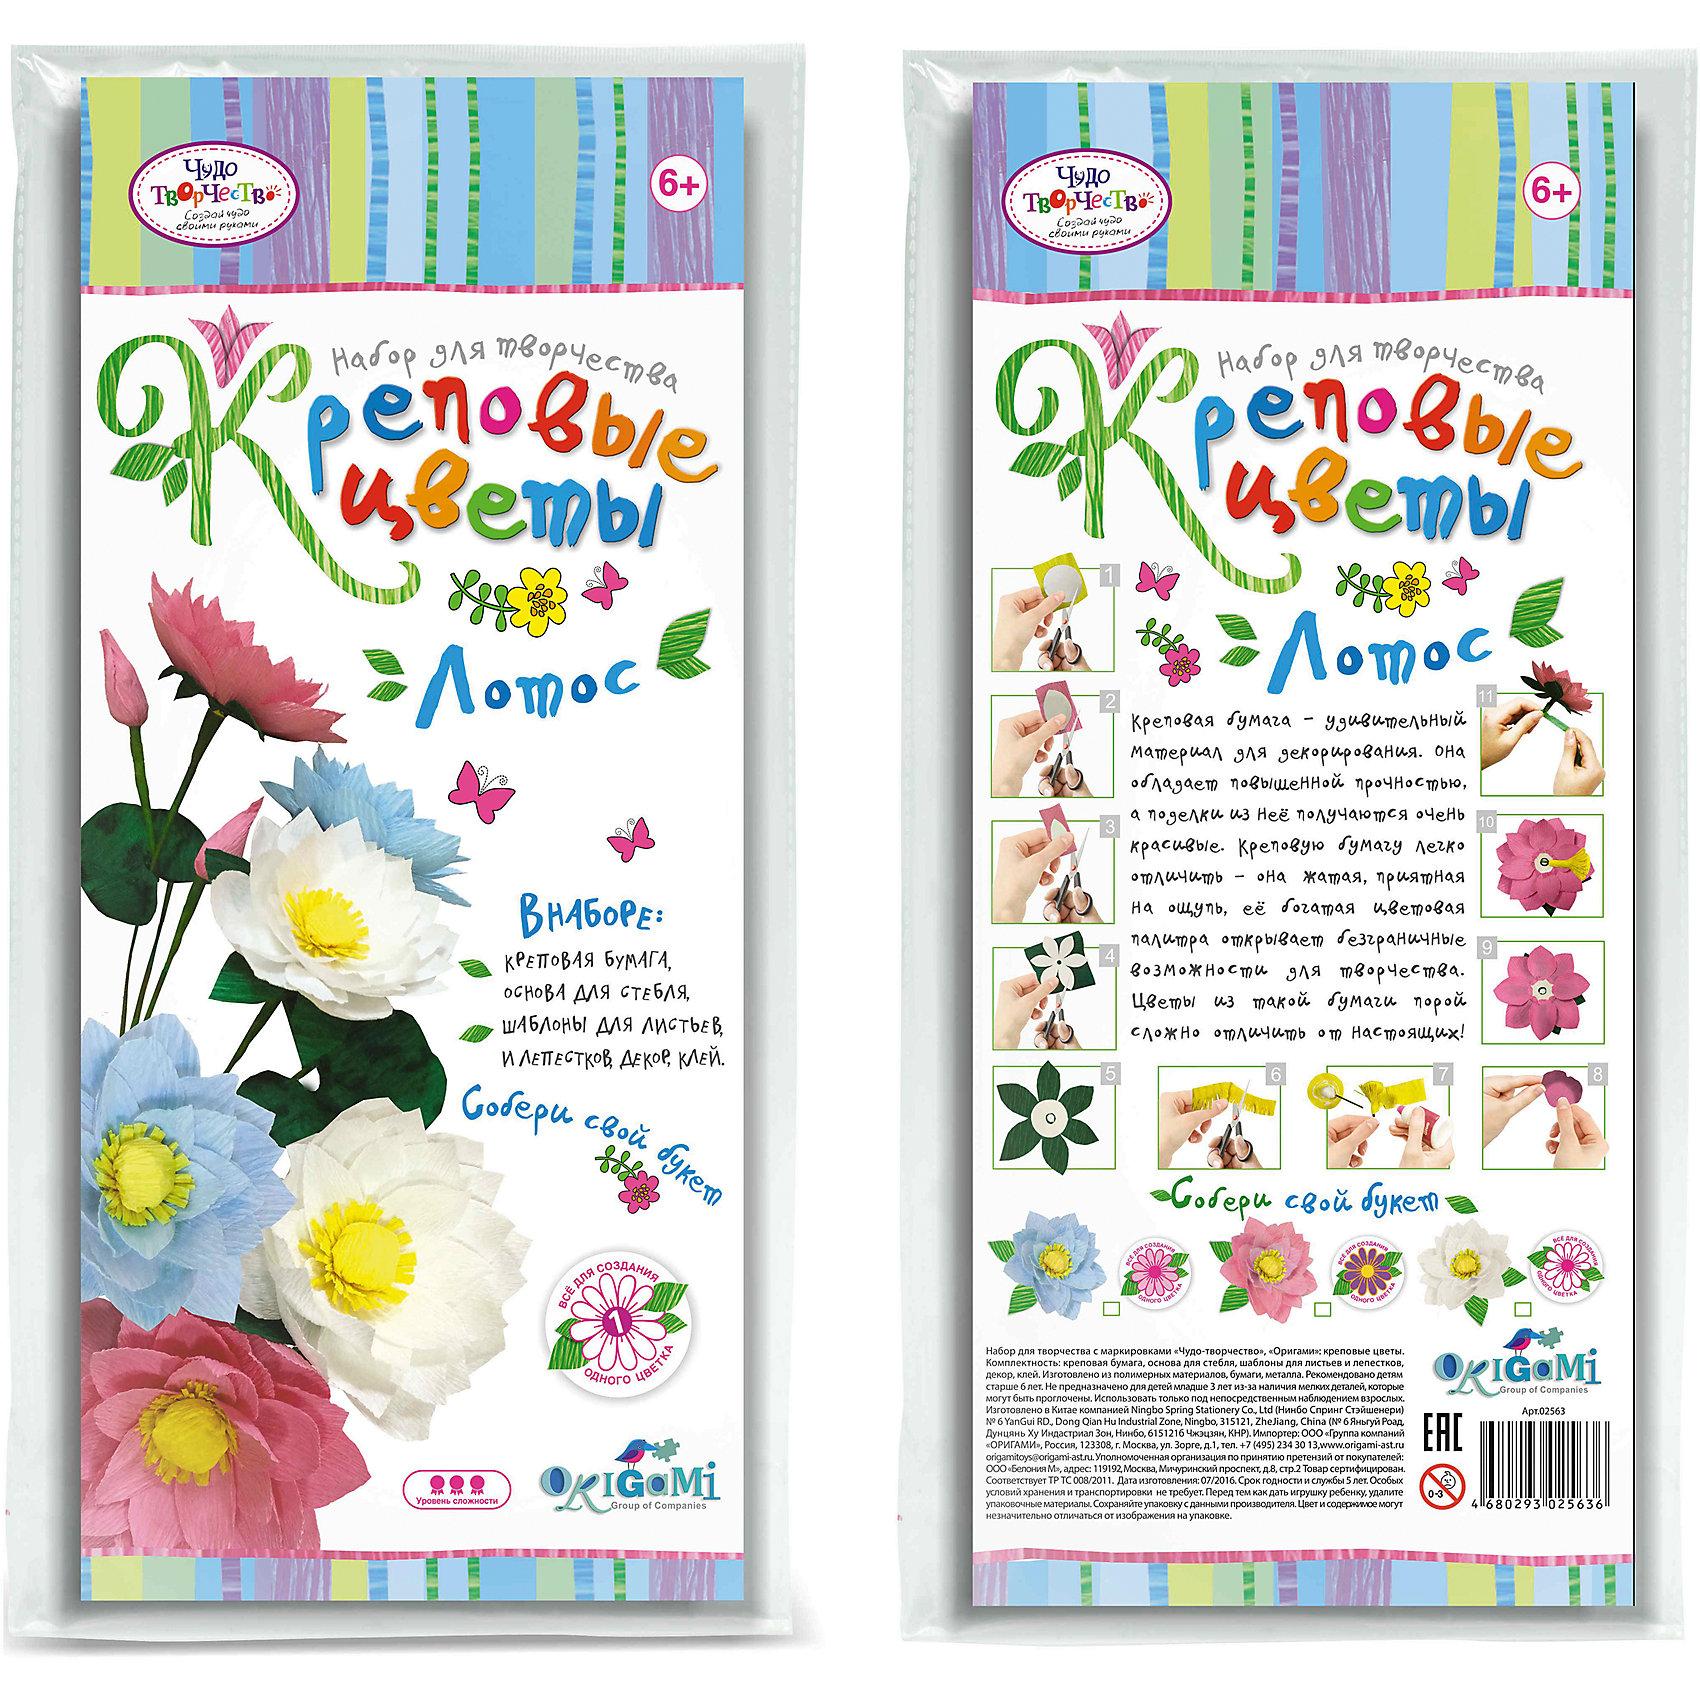 Креповые цветы своими руками Лотос 3 цвета в ассортиментеРукоделие<br>Креповая бумага – удивительный материал для декорирования. Она обладает повышенной прочностью, а поделки из нее получаются очень красивые. Креповую бумагу легко отличить - она жатая, приятная на ощупь, ее богатая цветовая палитра открывает безграничные возможности для творчества. Цветы из такой бумаги порой сложно отличить от настоящих! В наборе все для создания 1 цветка. Собери свой букет! Рекомендуемый возраст: 6+<br><br>Ширина мм: 150<br>Глубина мм: 20<br>Высота мм: 350<br>Вес г: 70<br>Возраст от месяцев: 72<br>Возраст до месяцев: 108<br>Пол: Женский<br>Возраст: Детский<br>SKU: 5165803